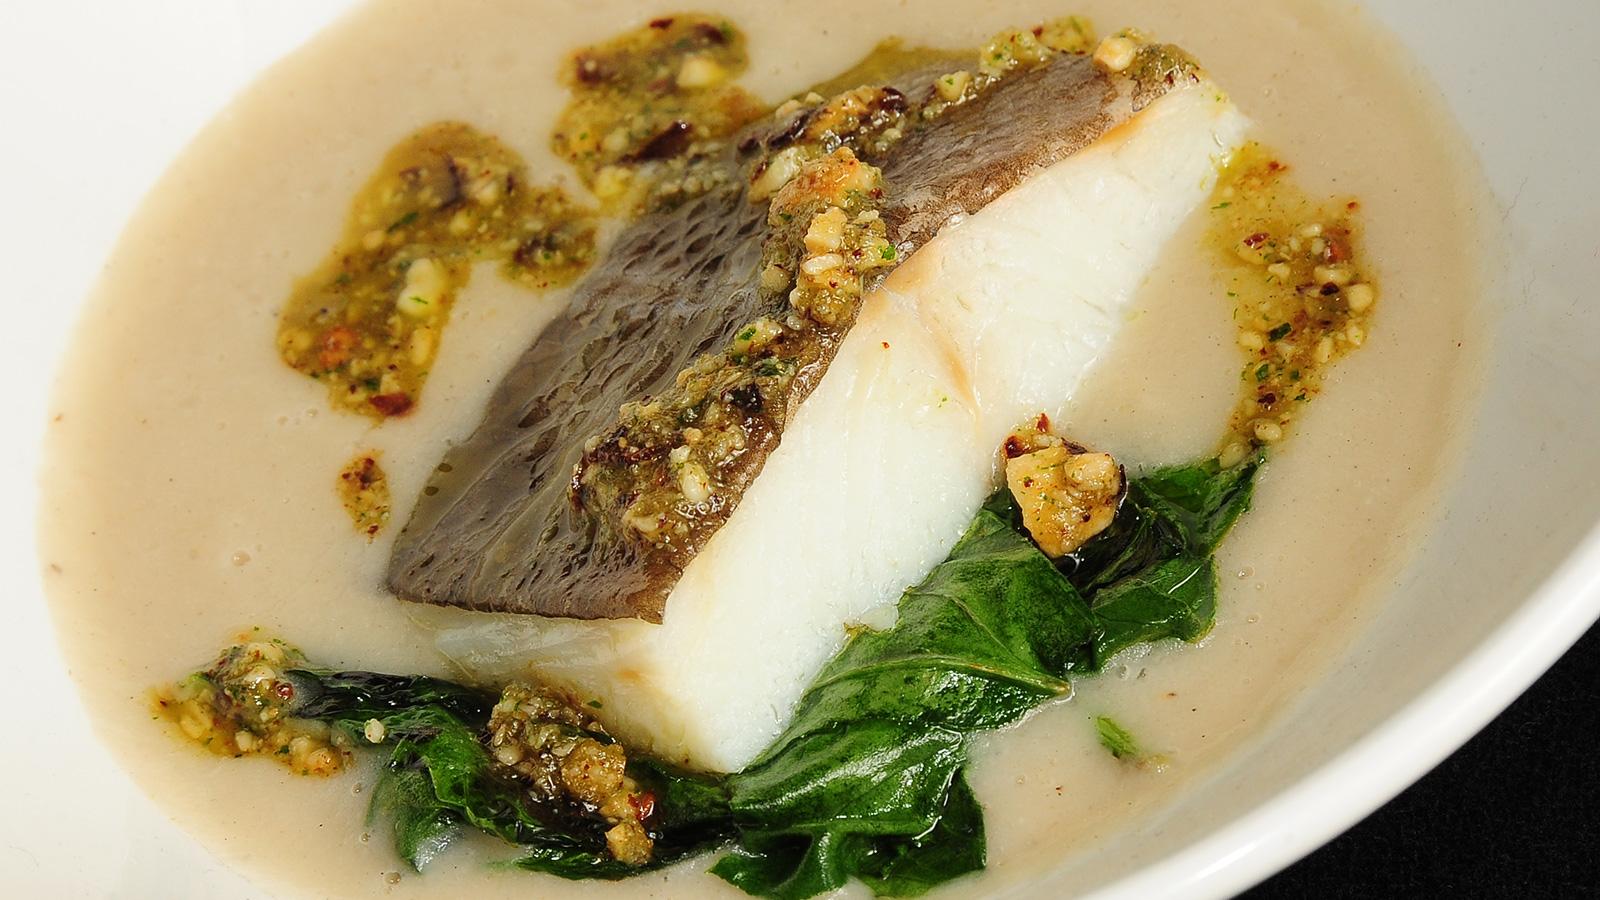 Bollitori de bacalao daniel fr as carbonell receta for Cenas frias canal cocina